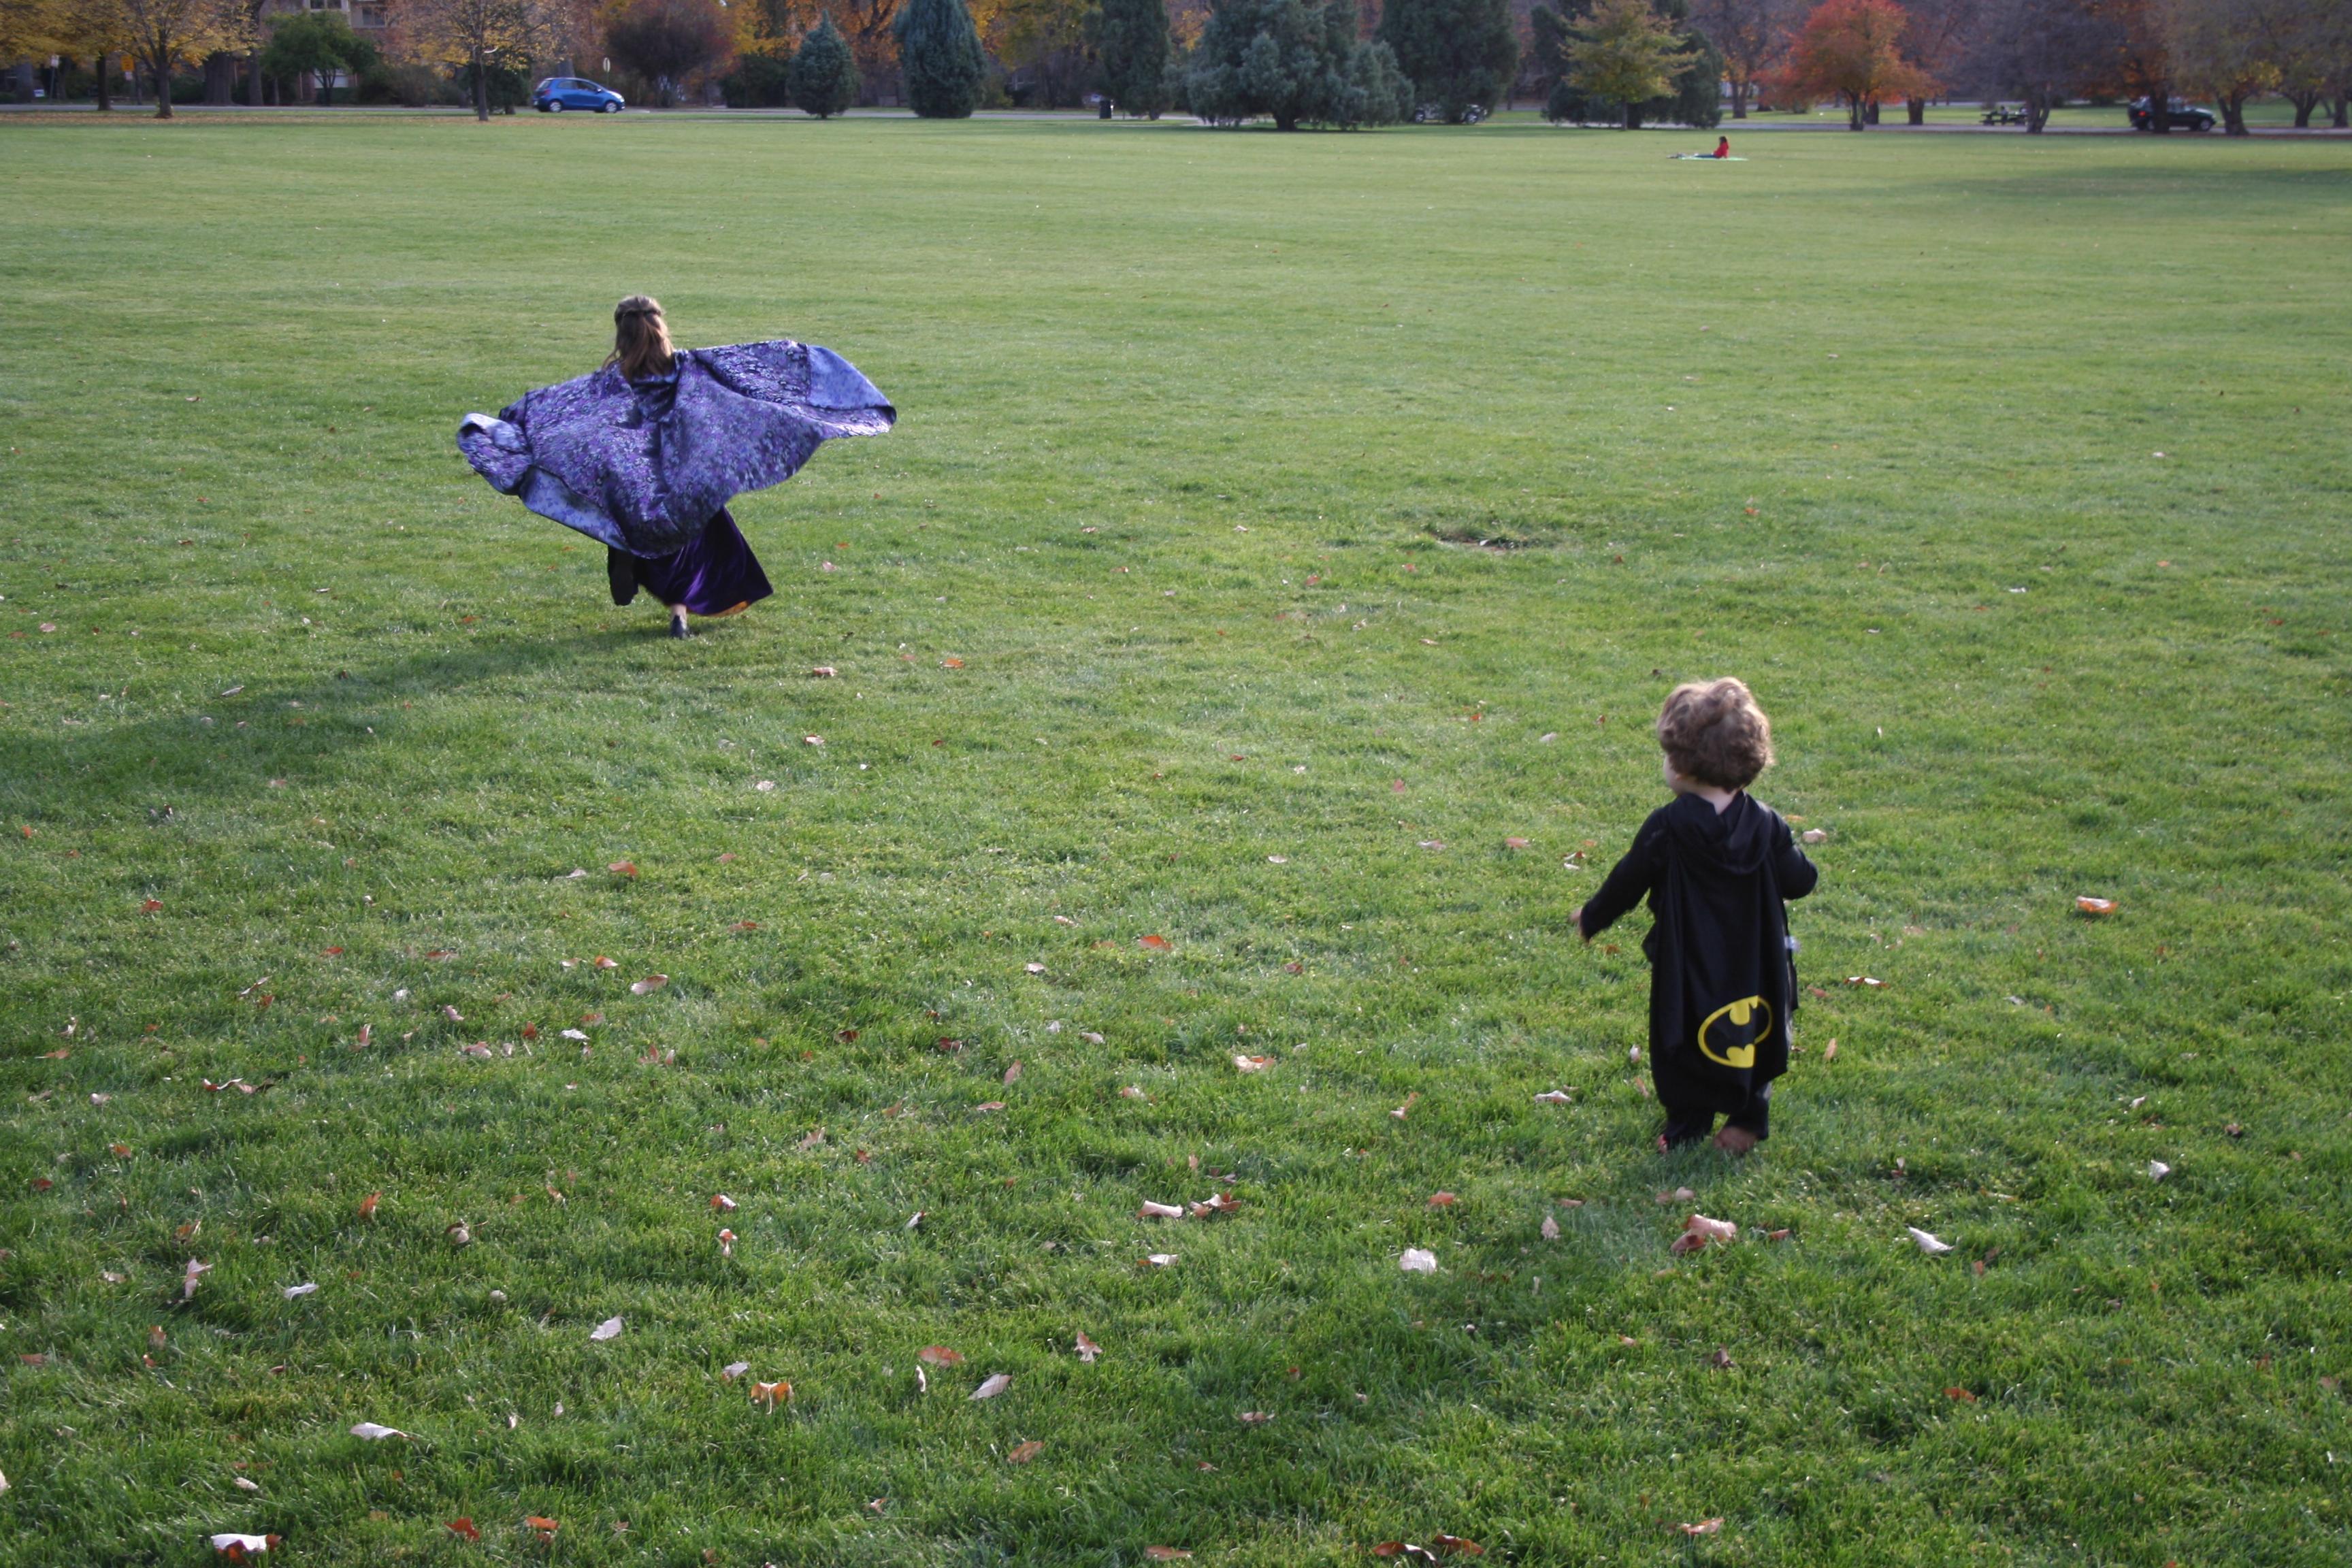 Halloween in flight.